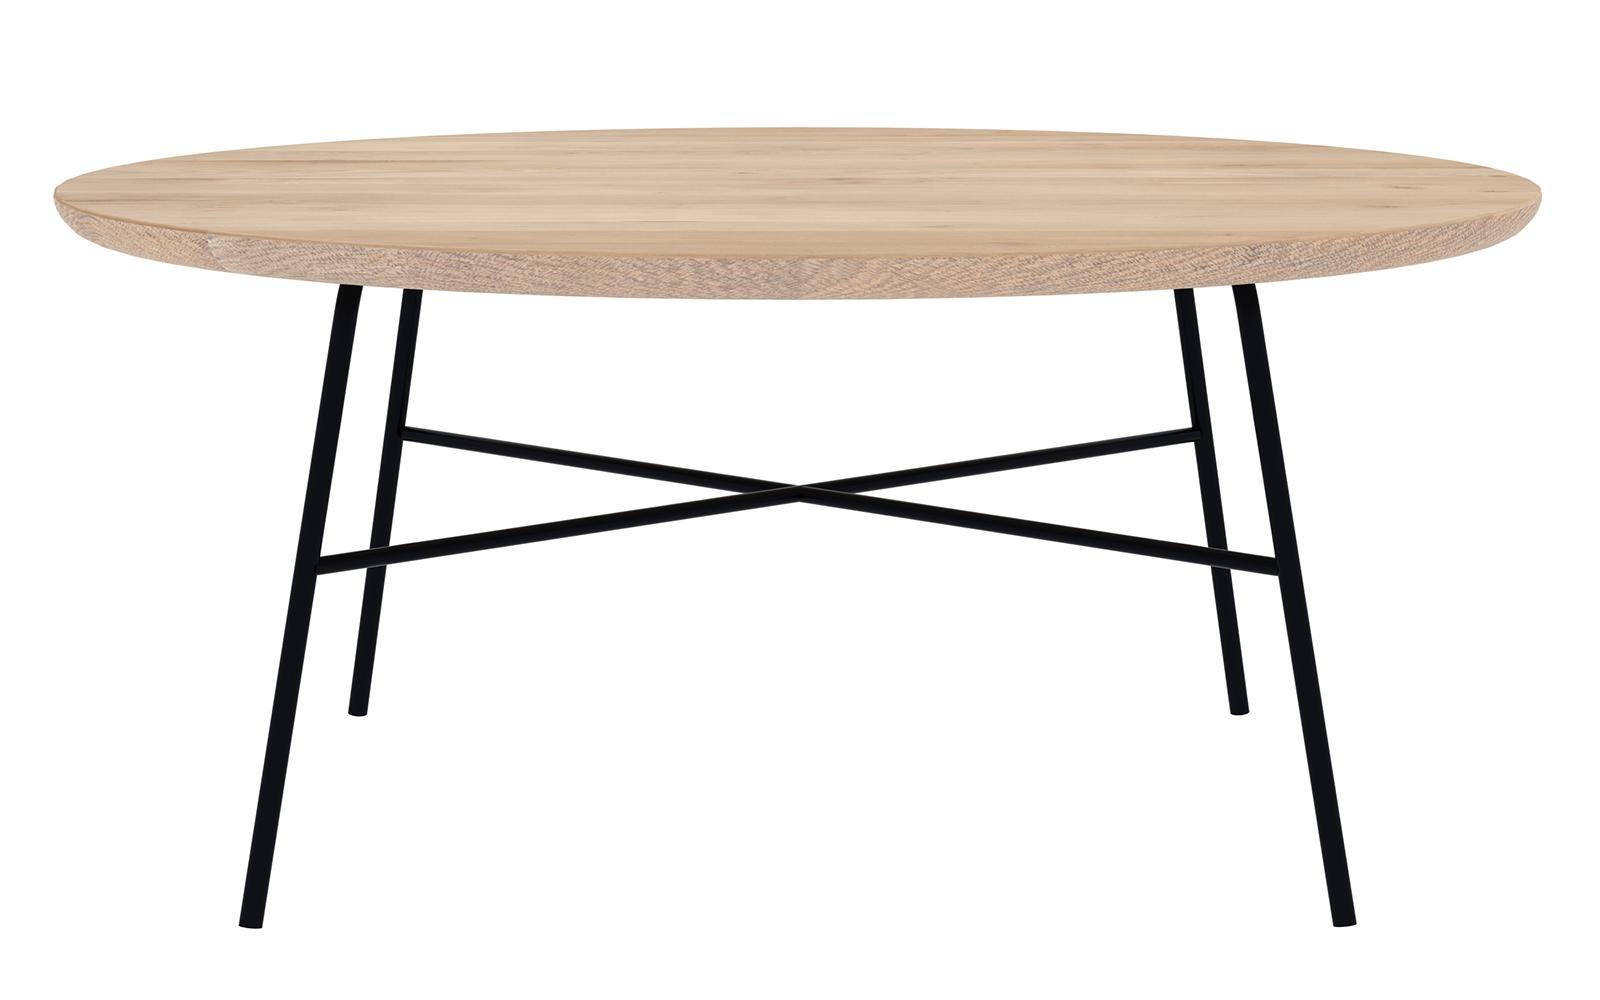 Ethnicraft designové konferenční stoly Disc Coffee Table Round